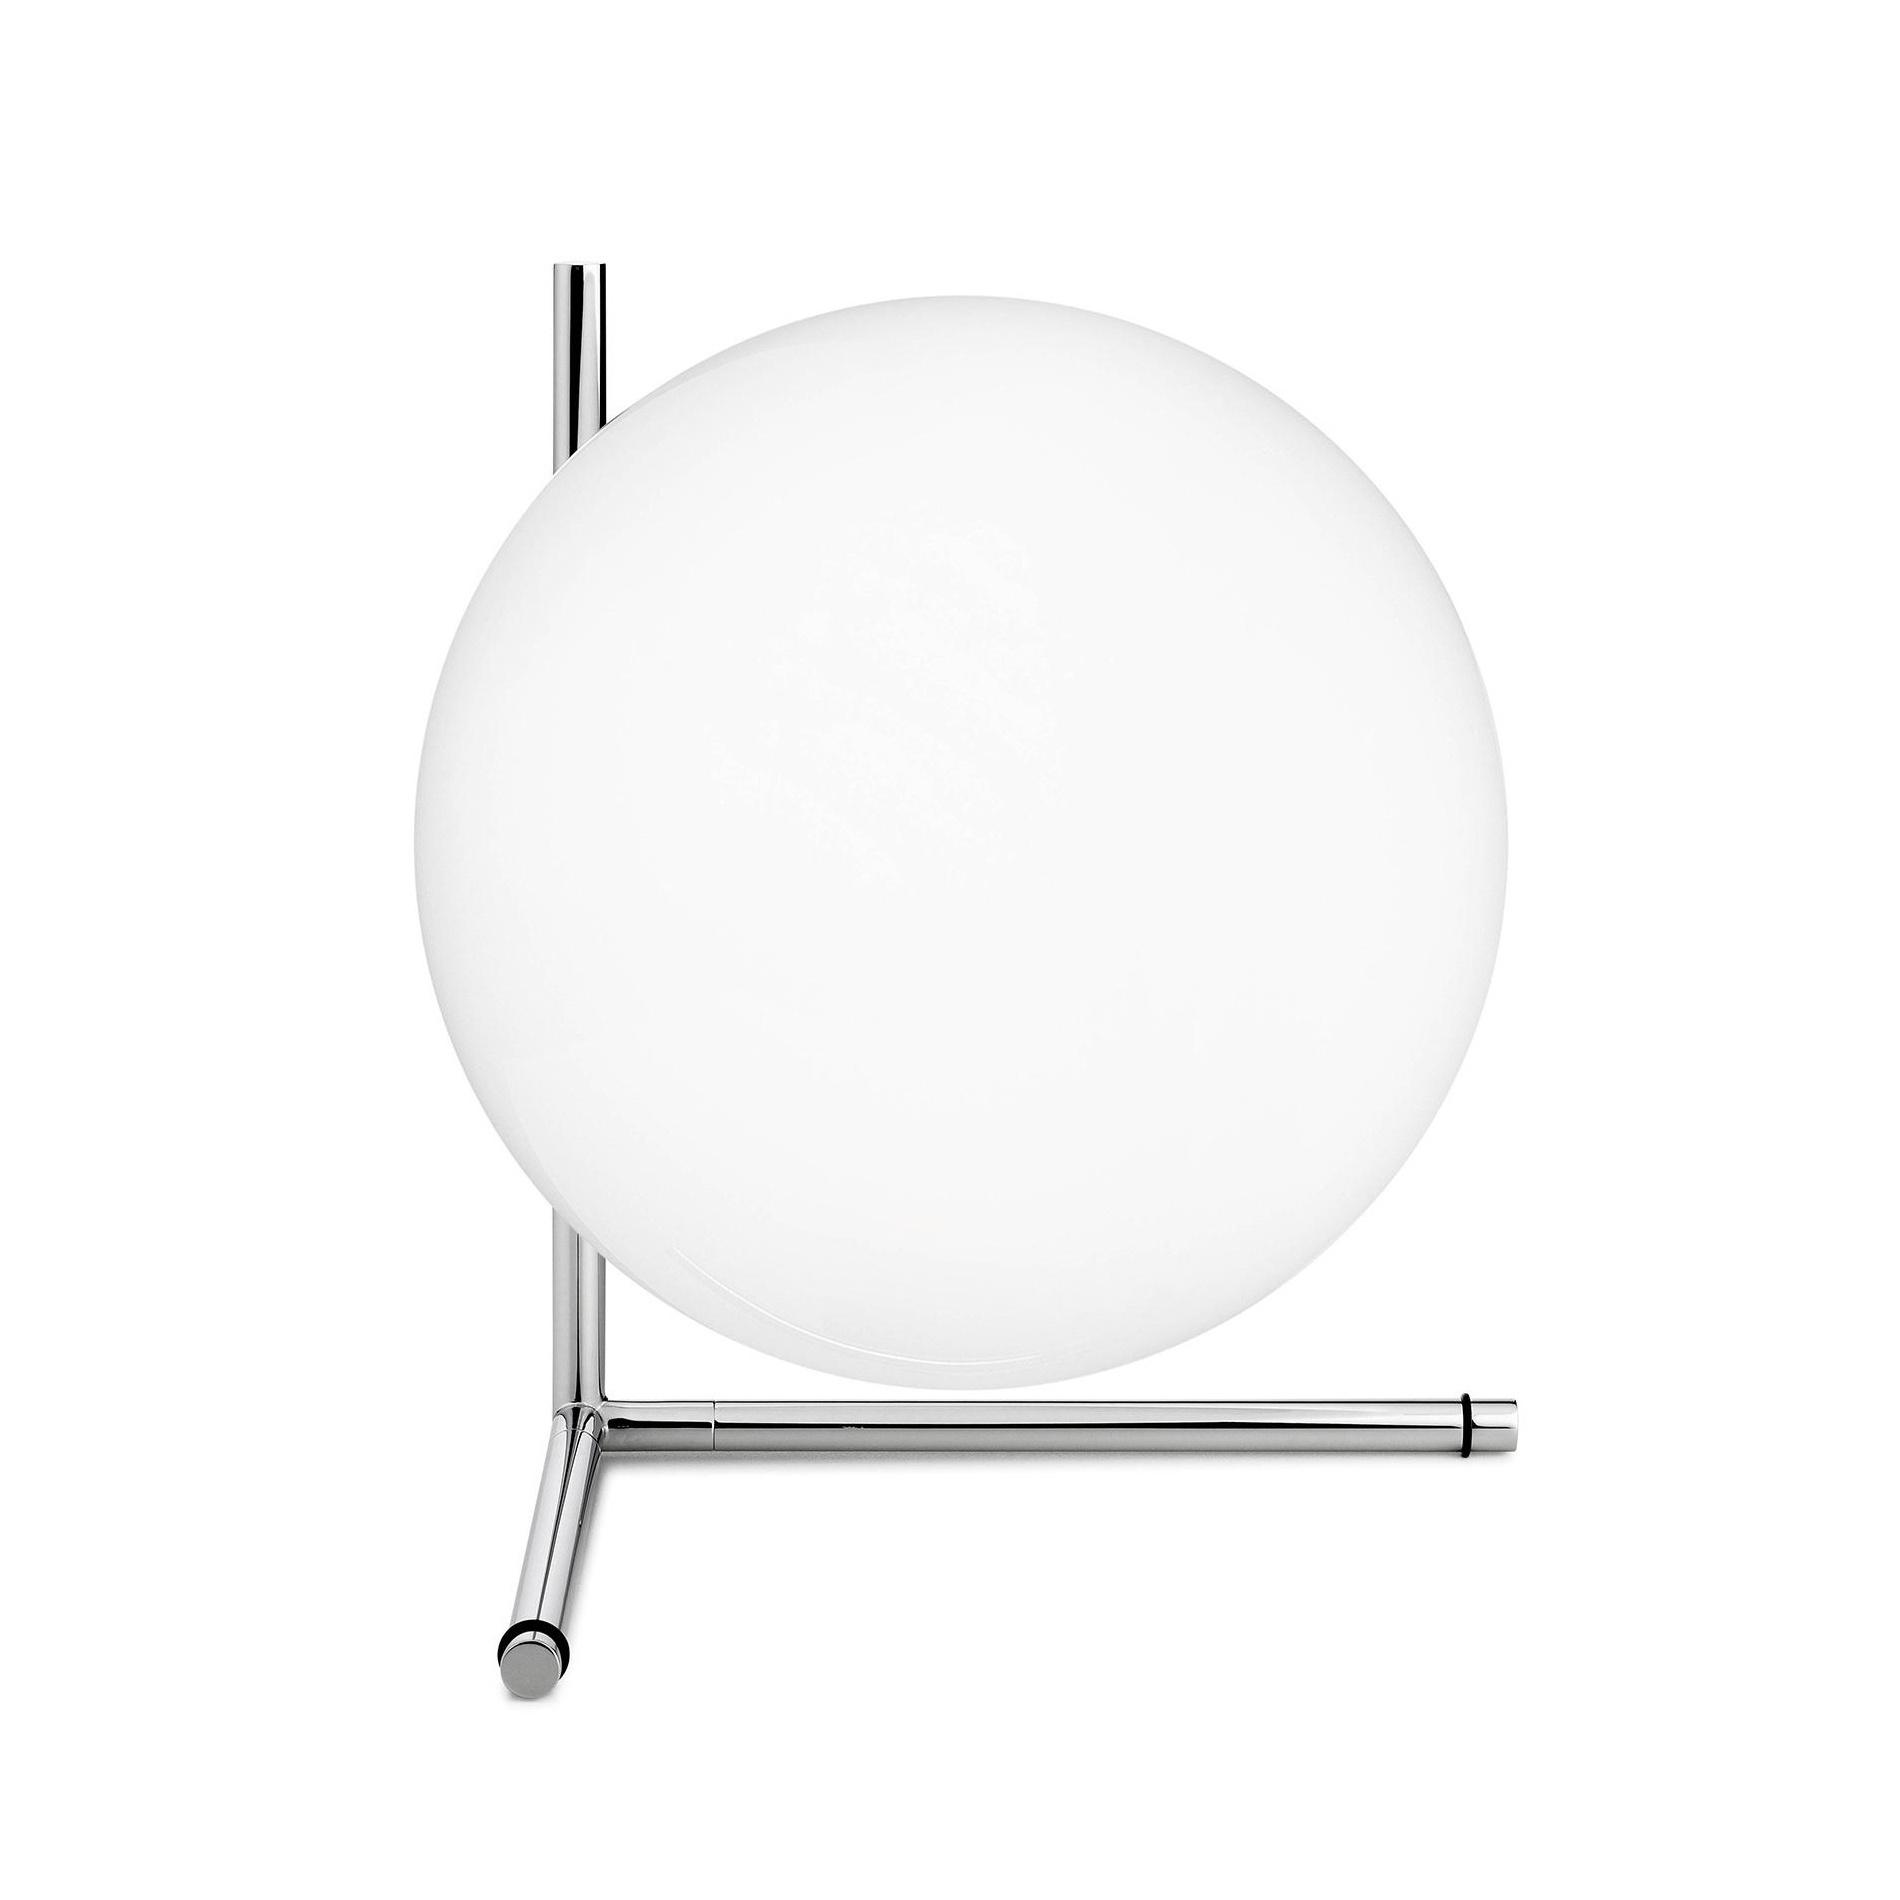 Flos - IC T2 - Lampe de table - chrome/brillant/H 35cm/Ø 30cm